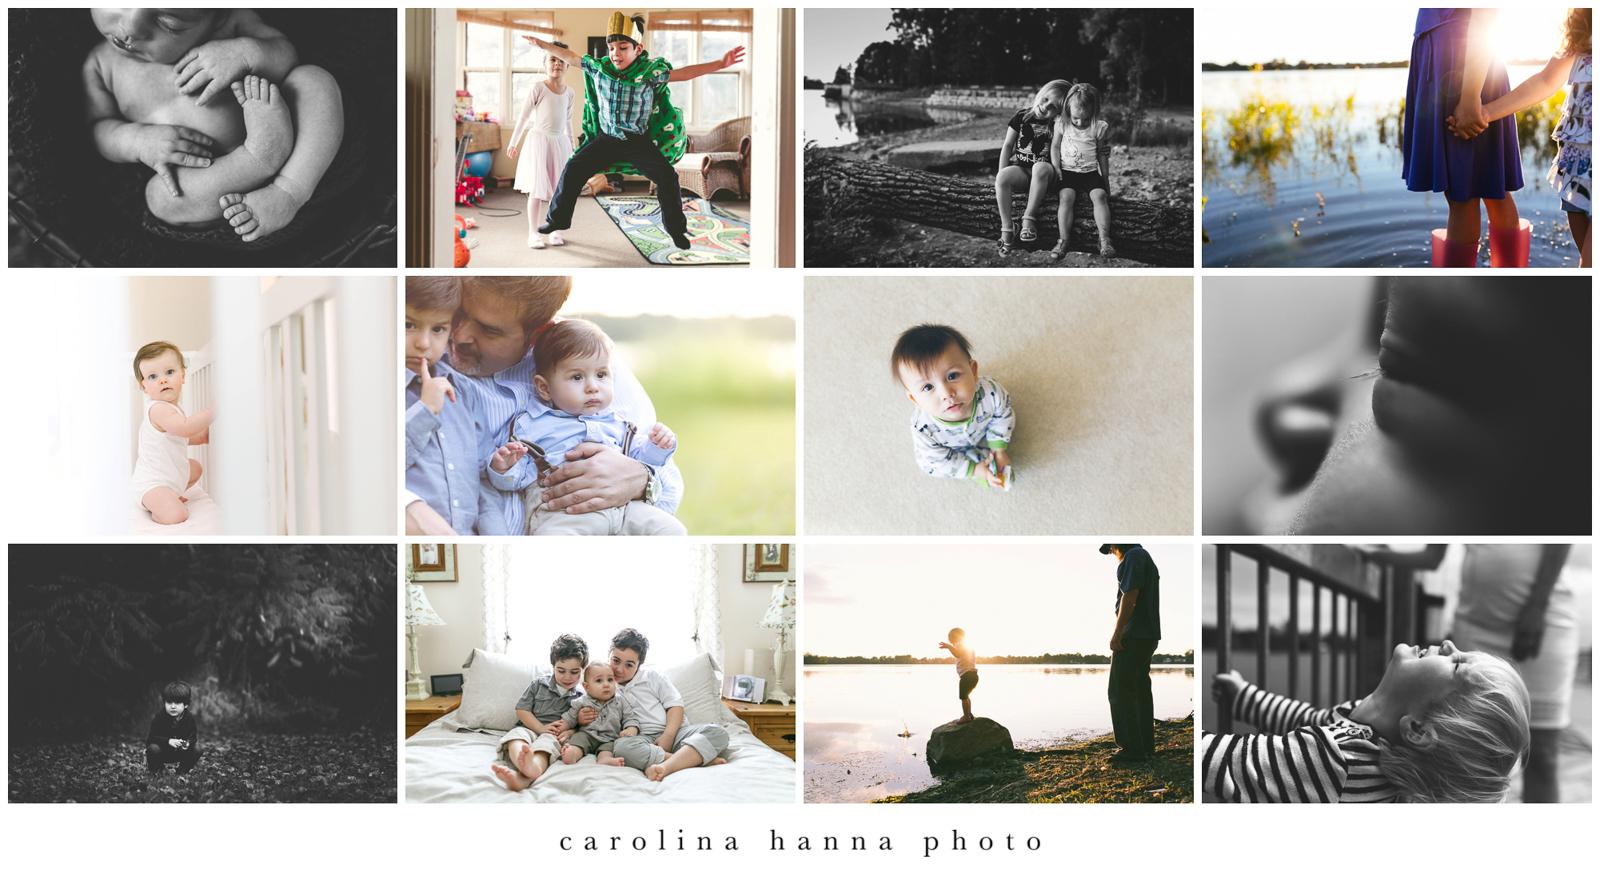 Carolina Hanna Photography